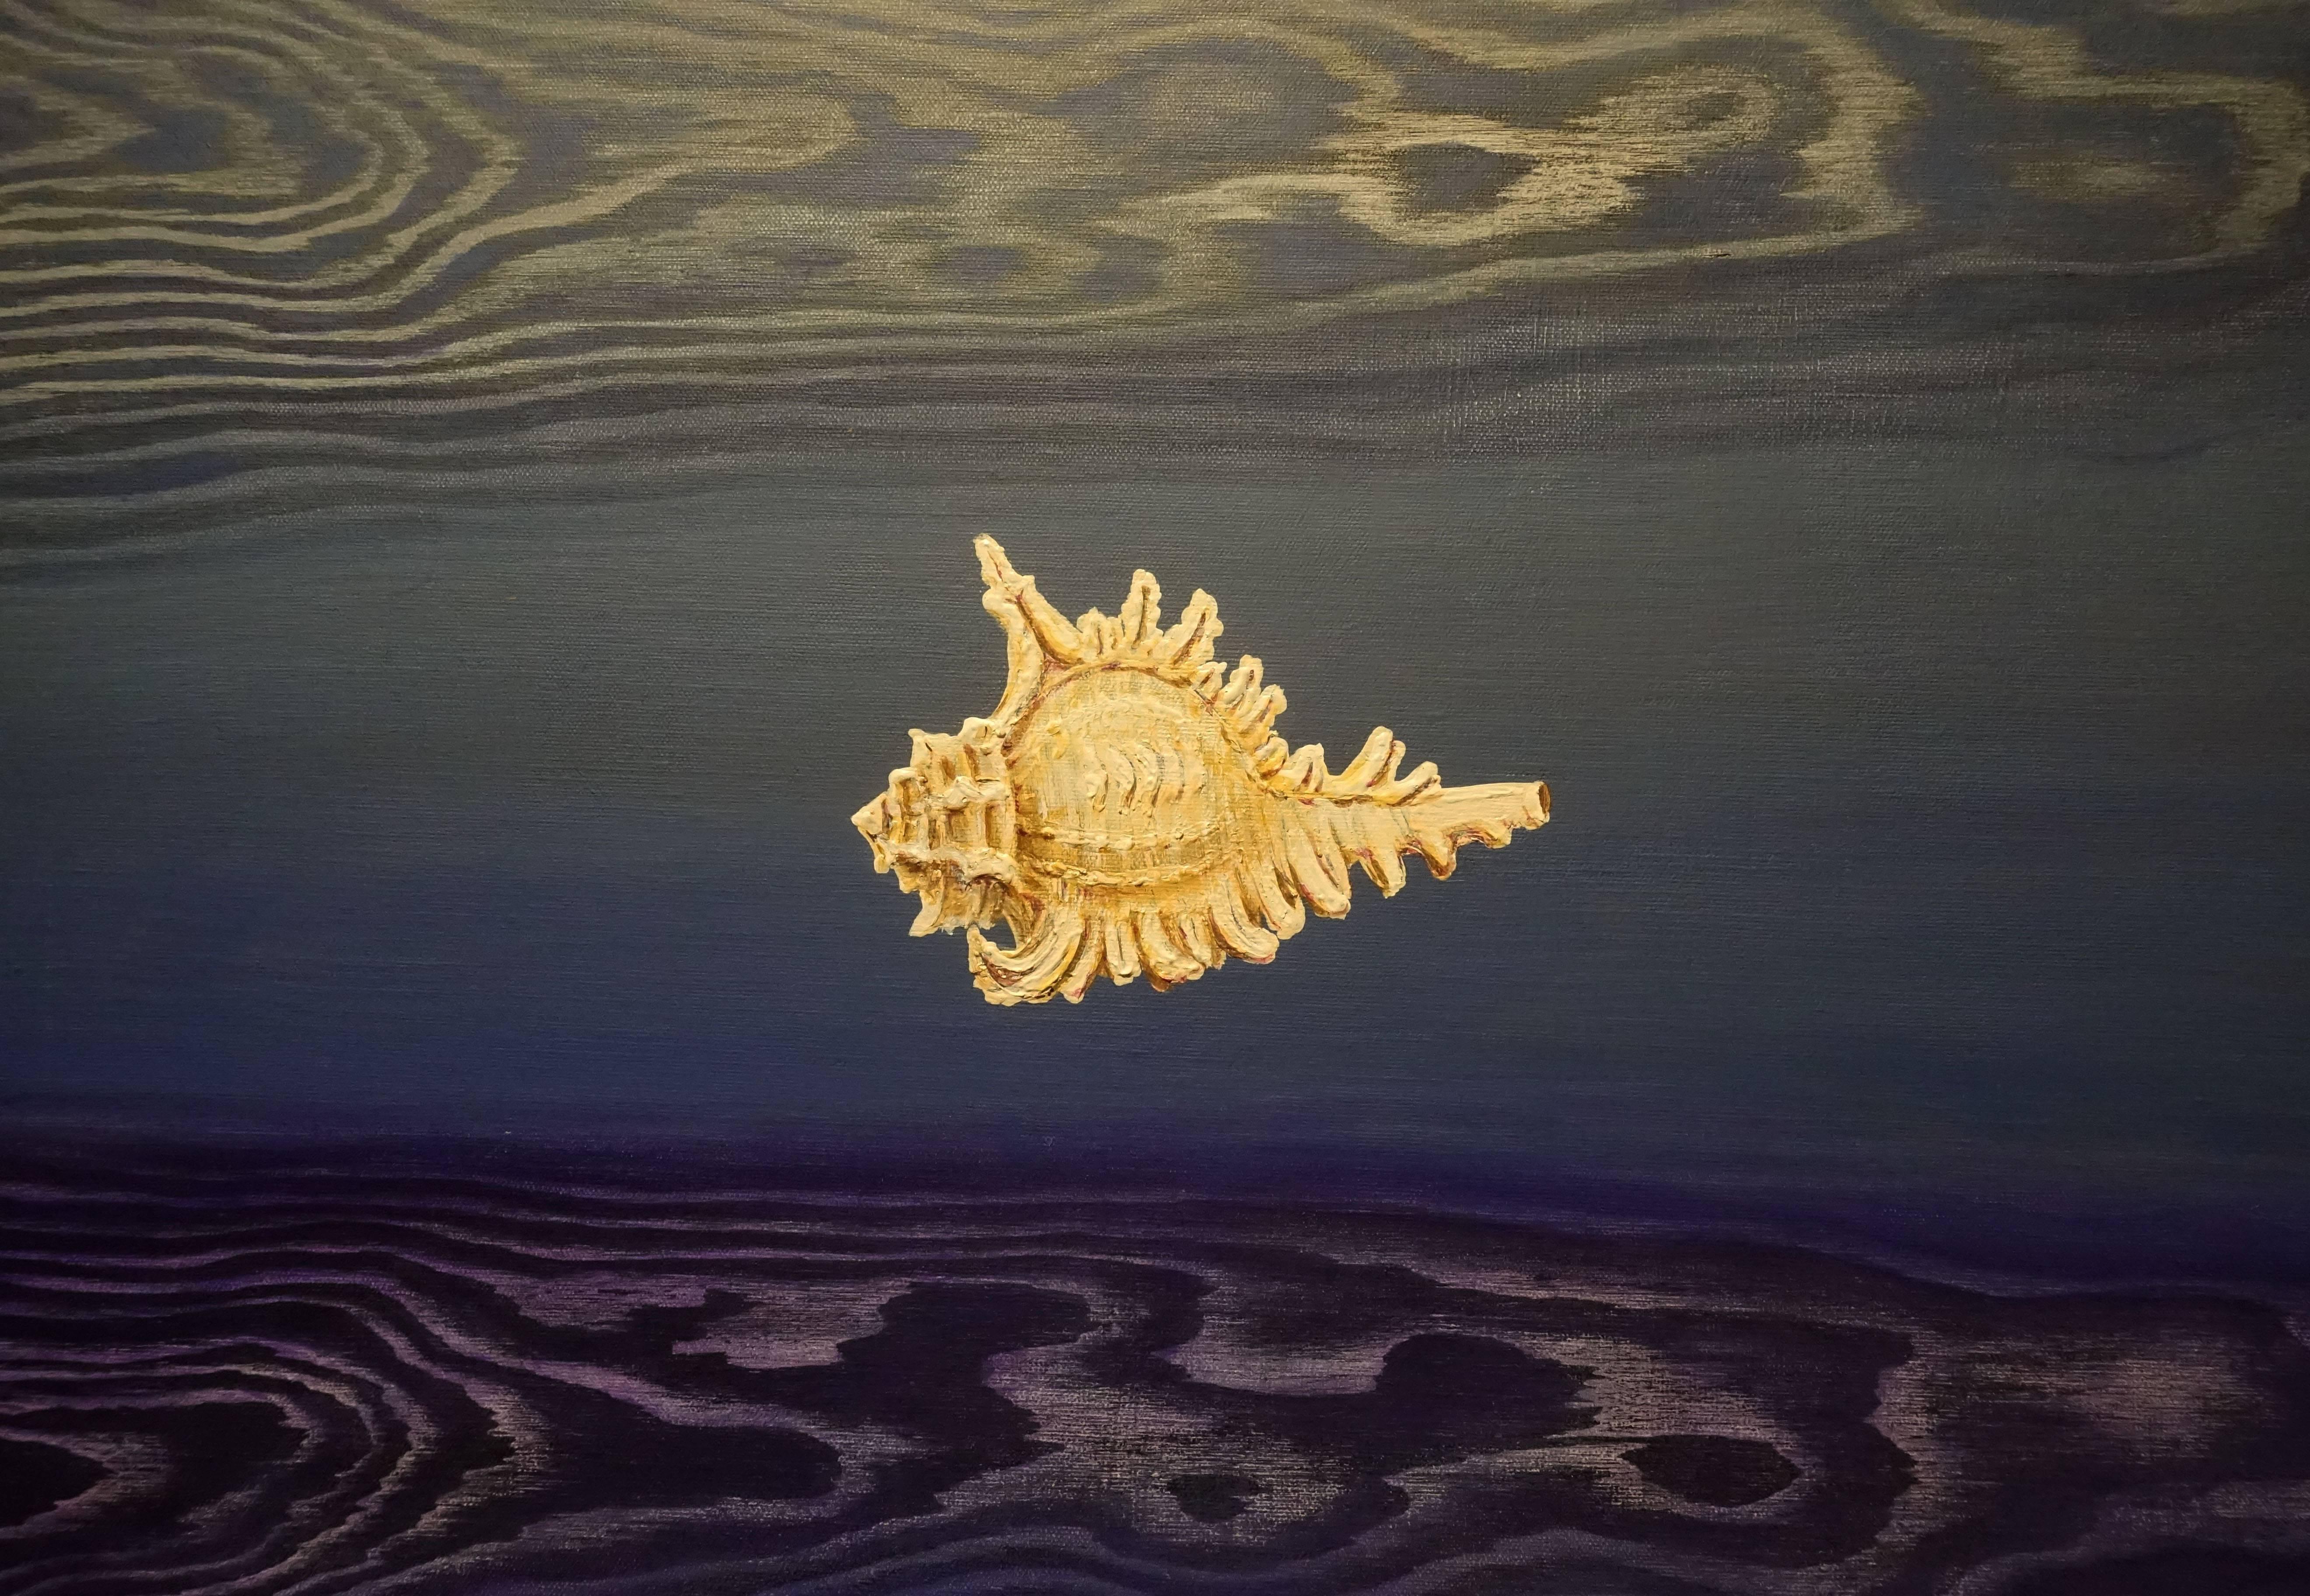 林雪卿,《聽潮 Listen to the Tide 》局部,1995 ,綜合媒材、畫布 Mixed Media。